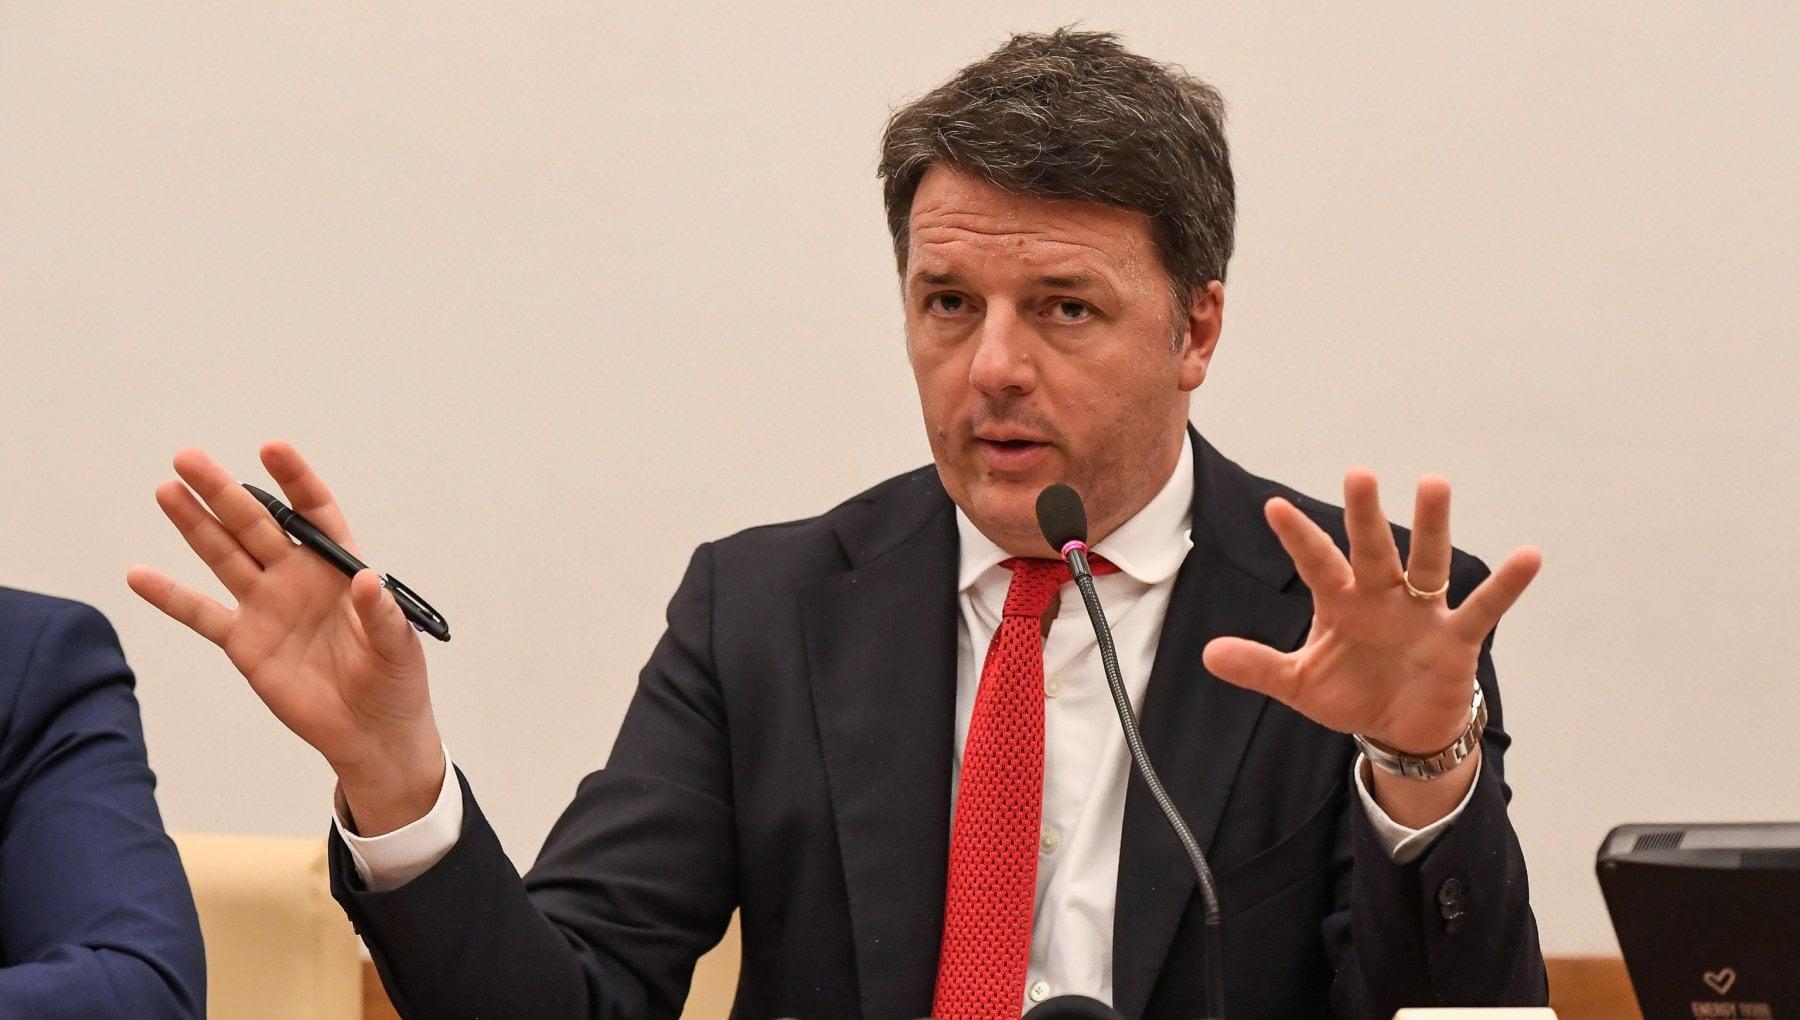 Governo Renzi rilancia loffensiva Non vogliamo poltrone siamo pronti a lasciarle. Con Conte problema politico non personale